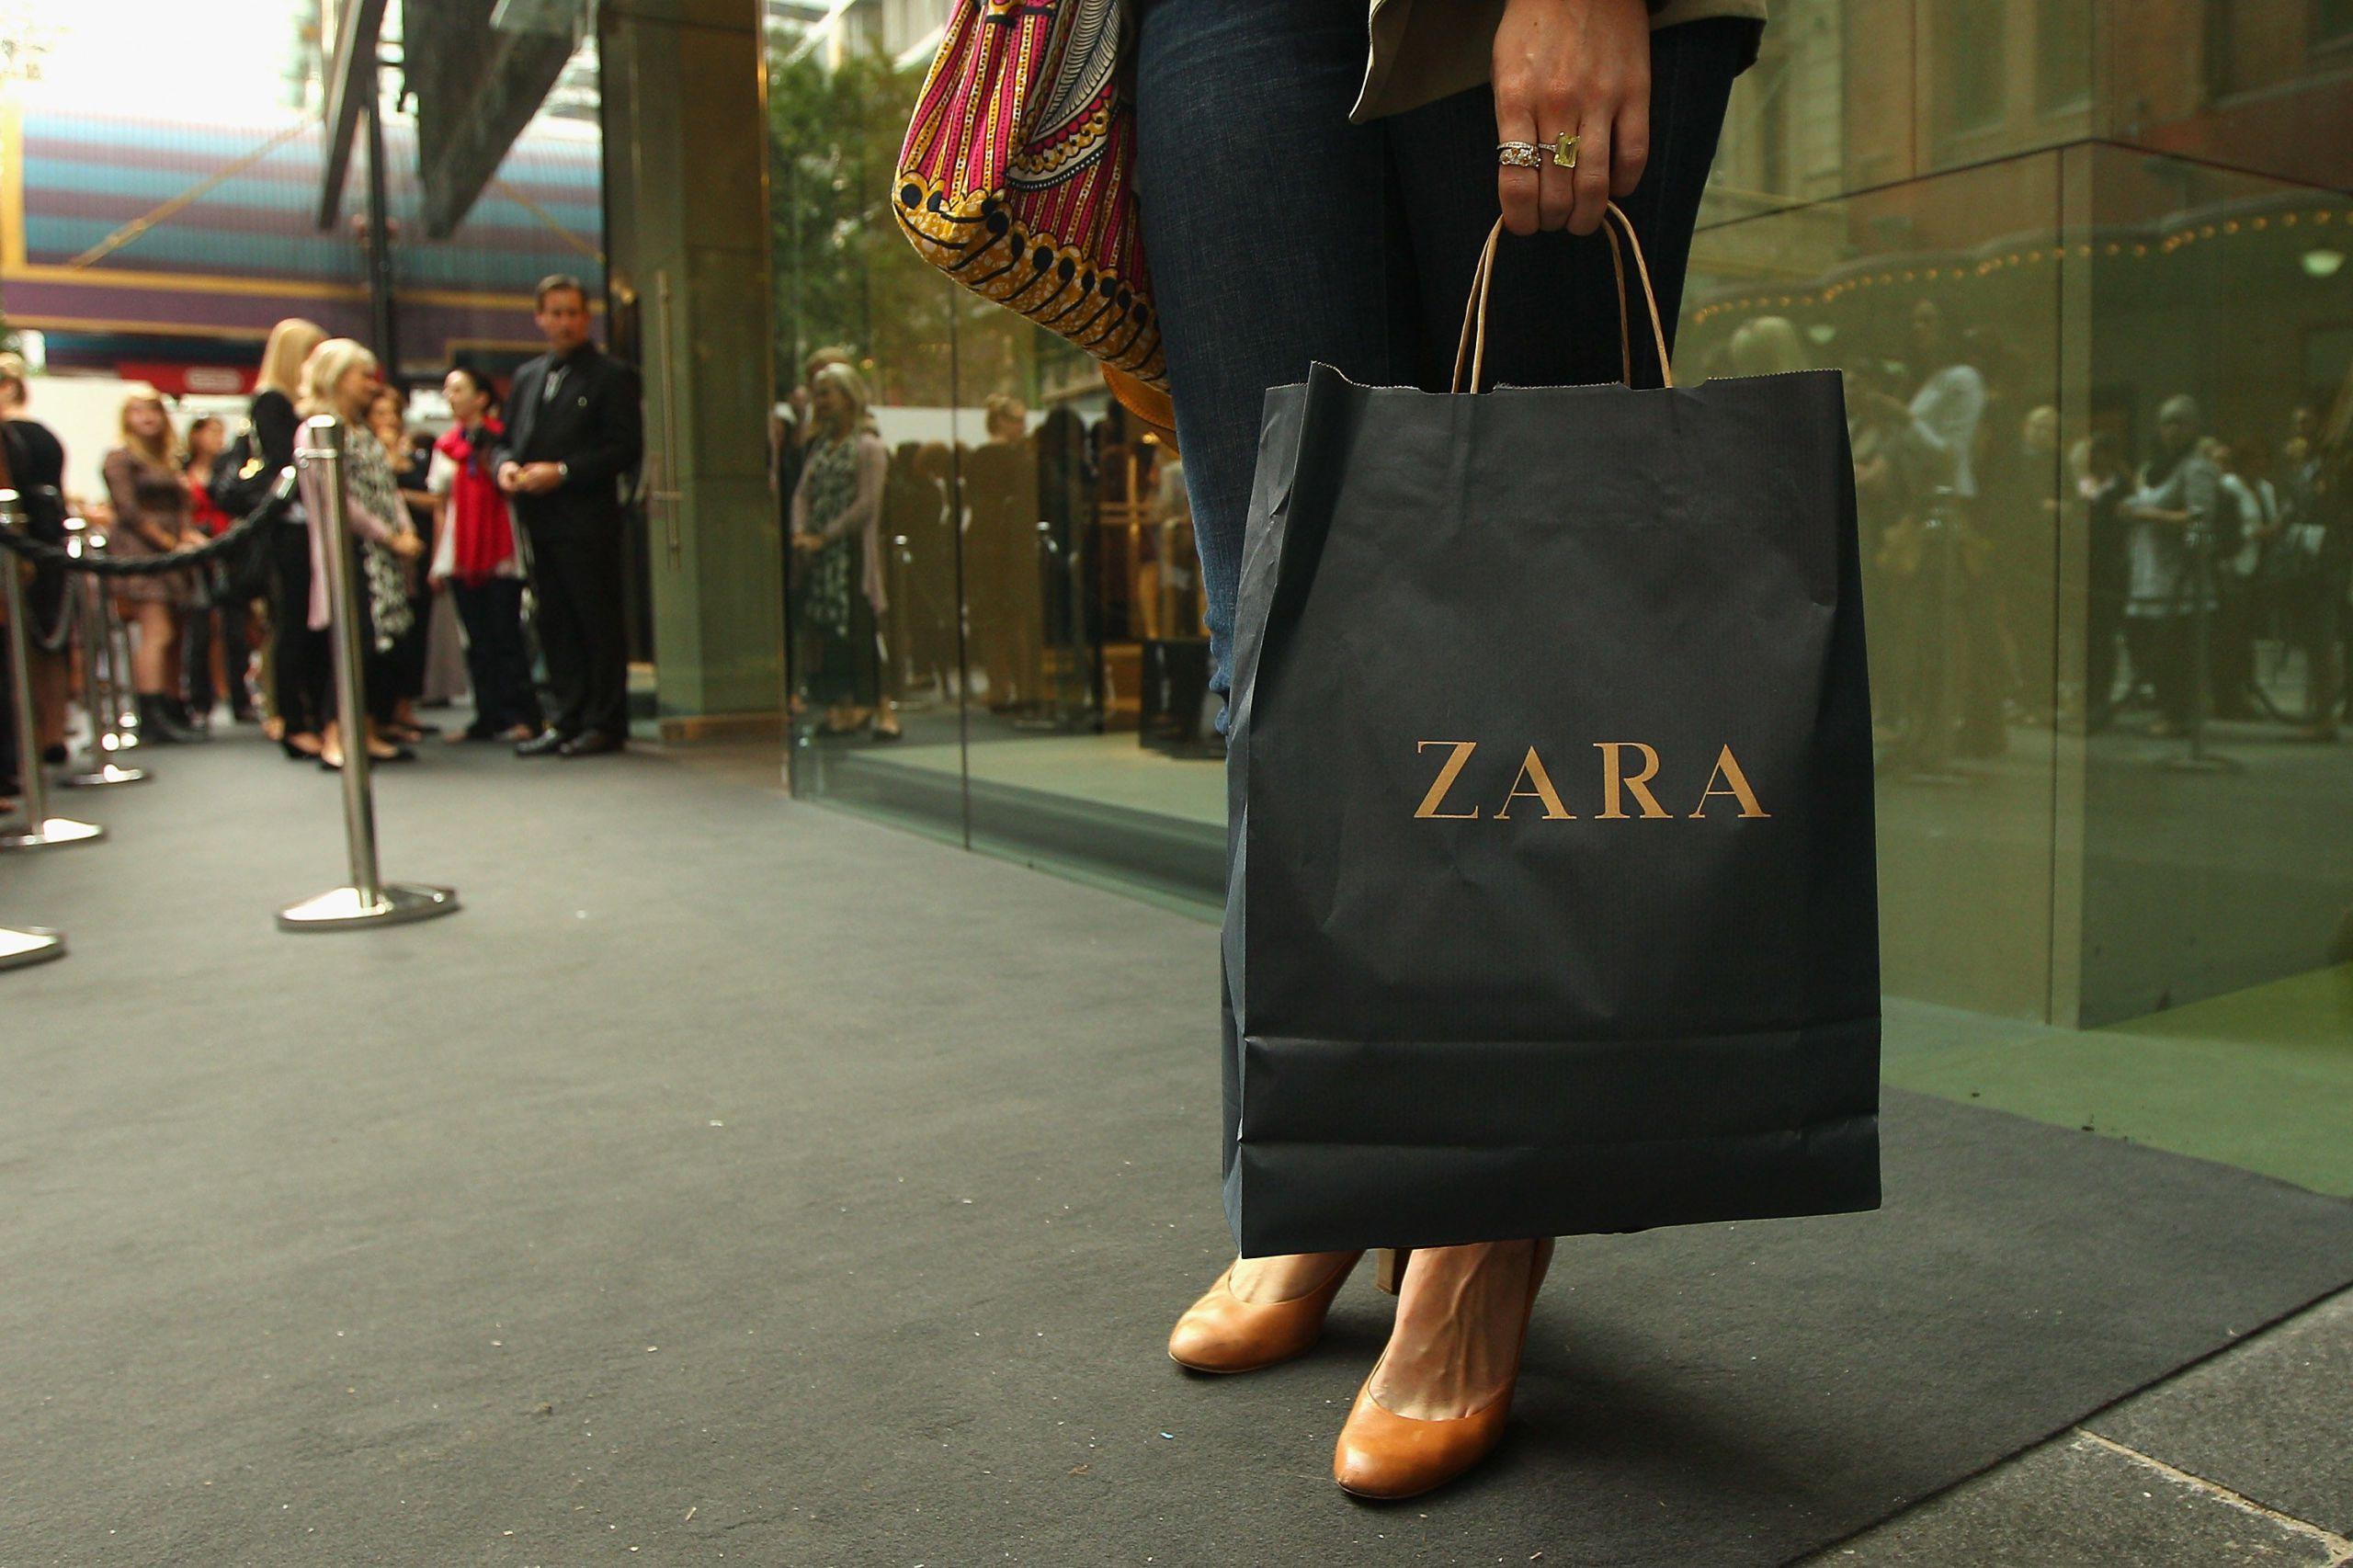 431f671591 Zara, i consigli utili per lo shopping dalle dipendenti